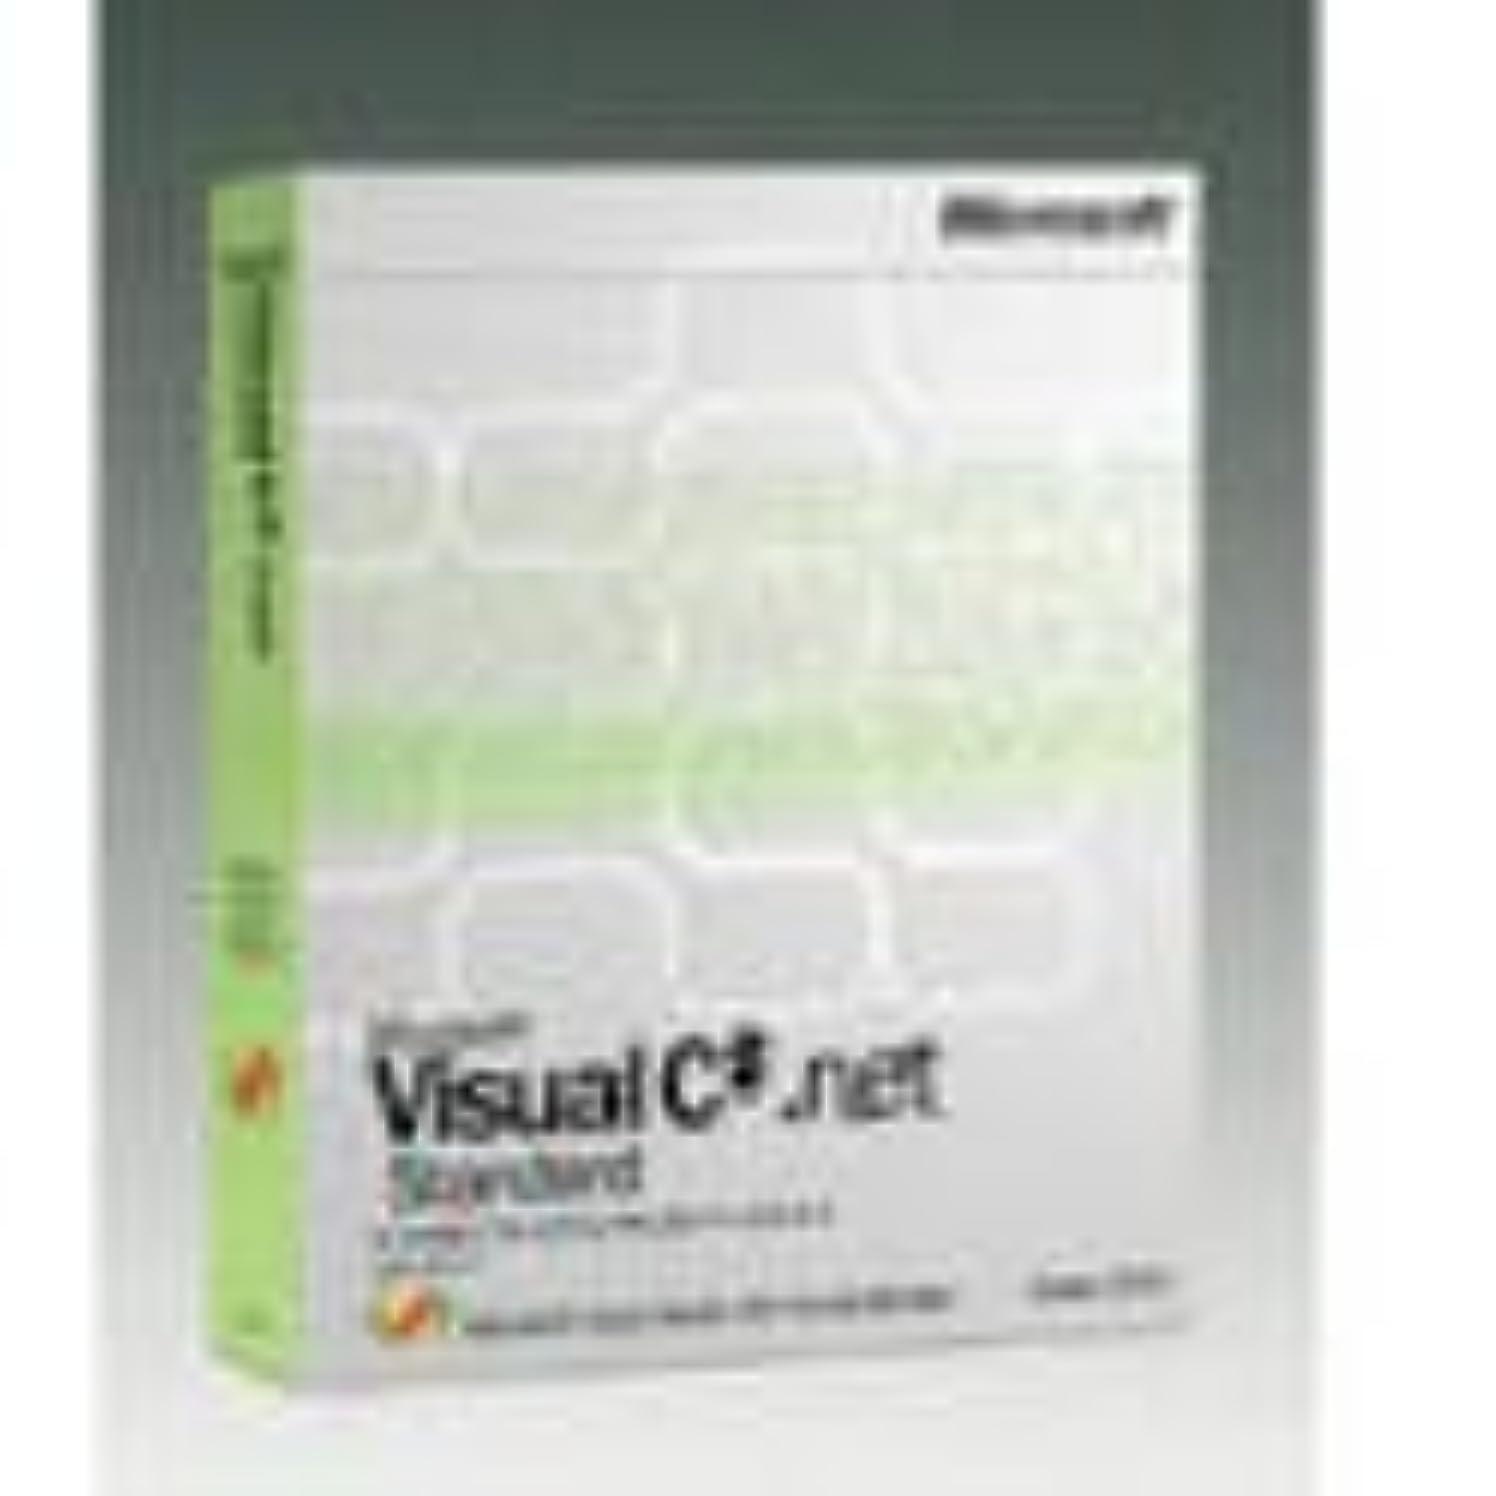 欠陥スリル保存Microsoft Visual C# .NET Standard Version 2002